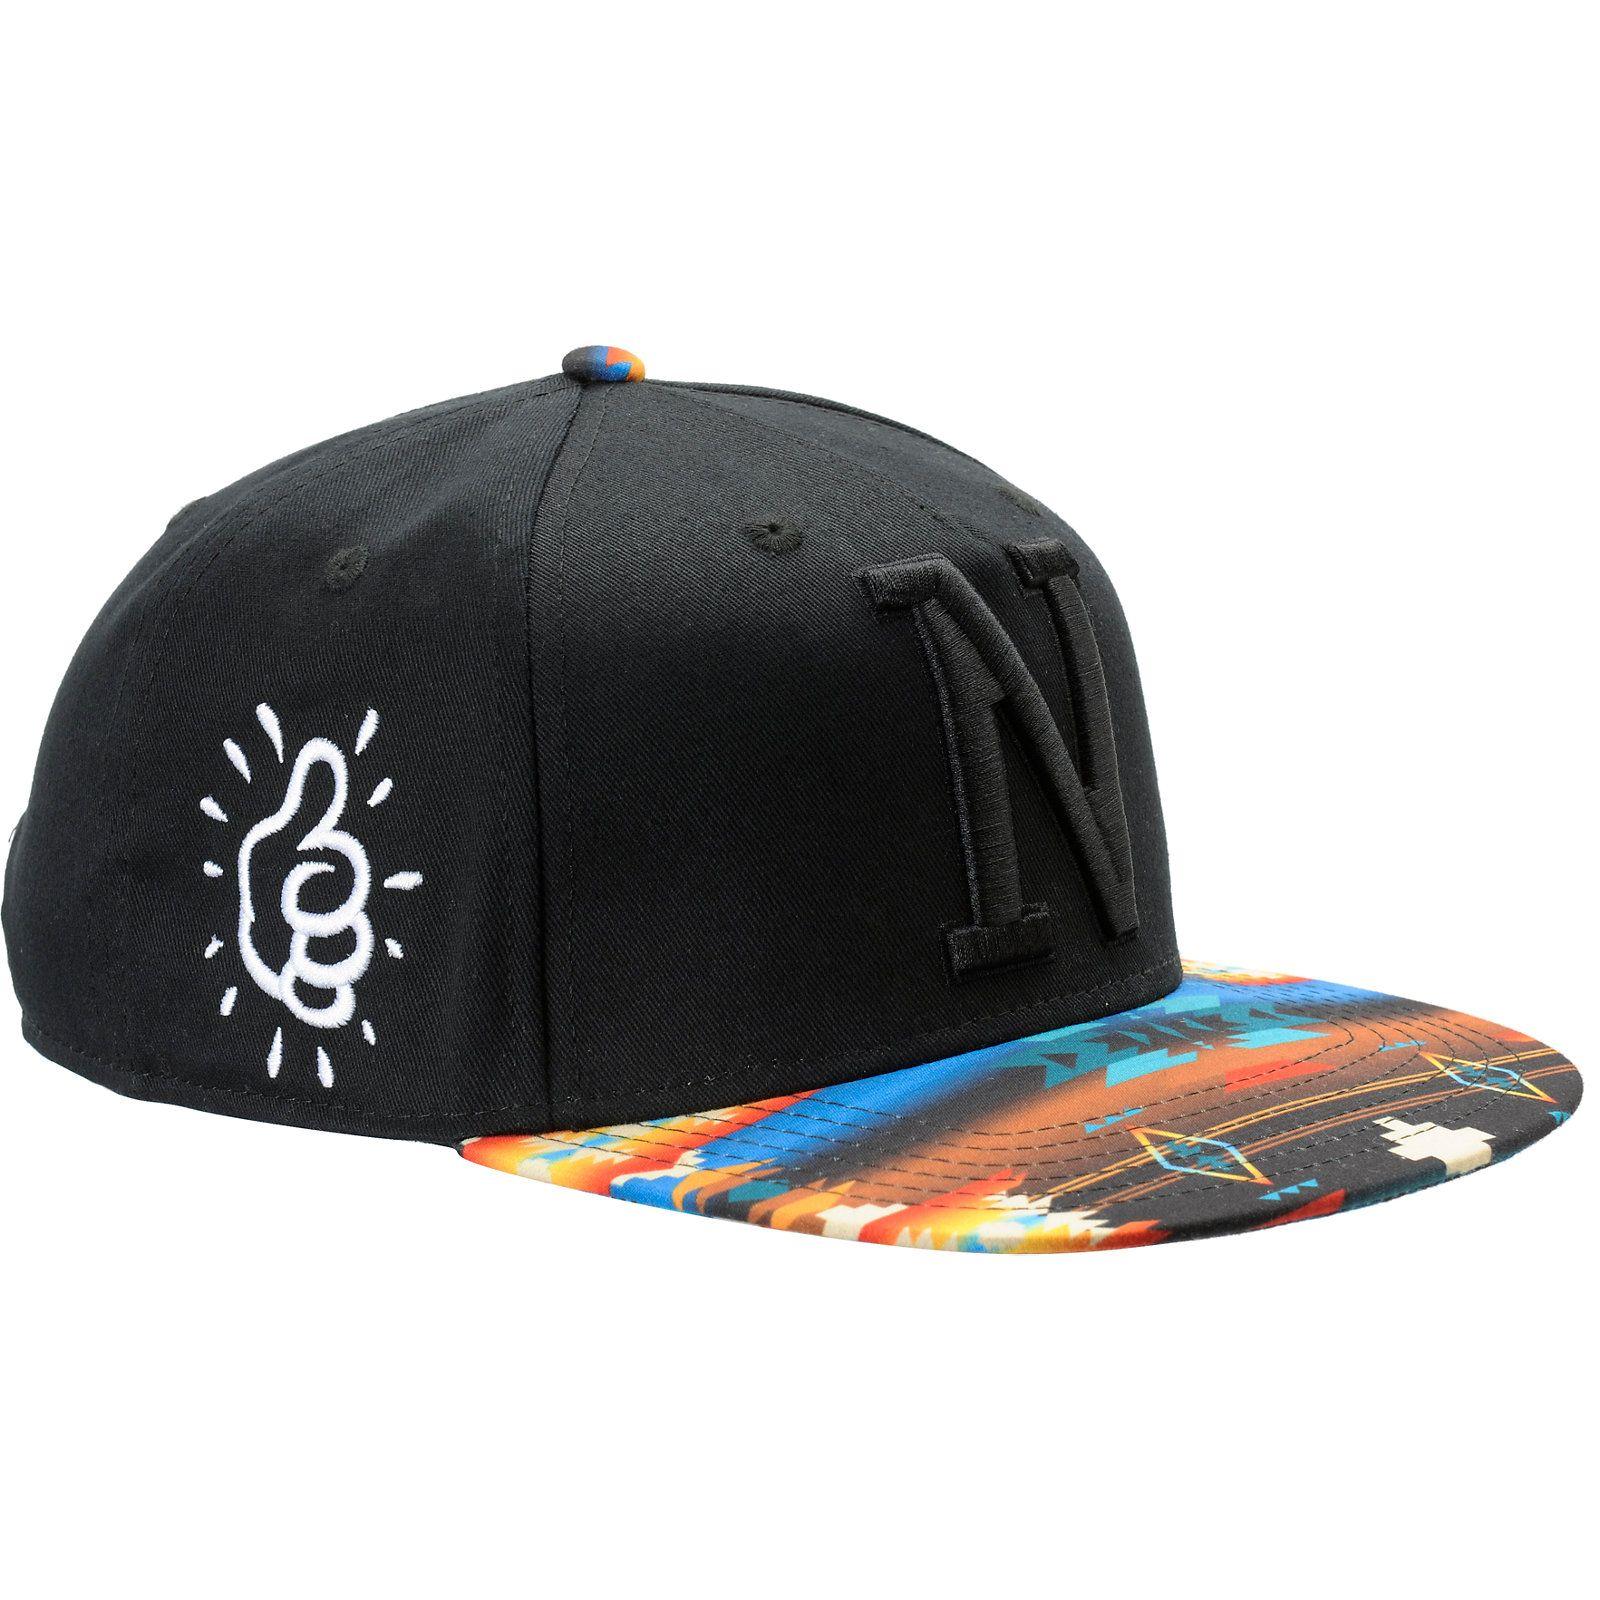 Neff x Mac Miller Milltop Black   Tribal Print Snapback Hat ... ca613ce0a6b5